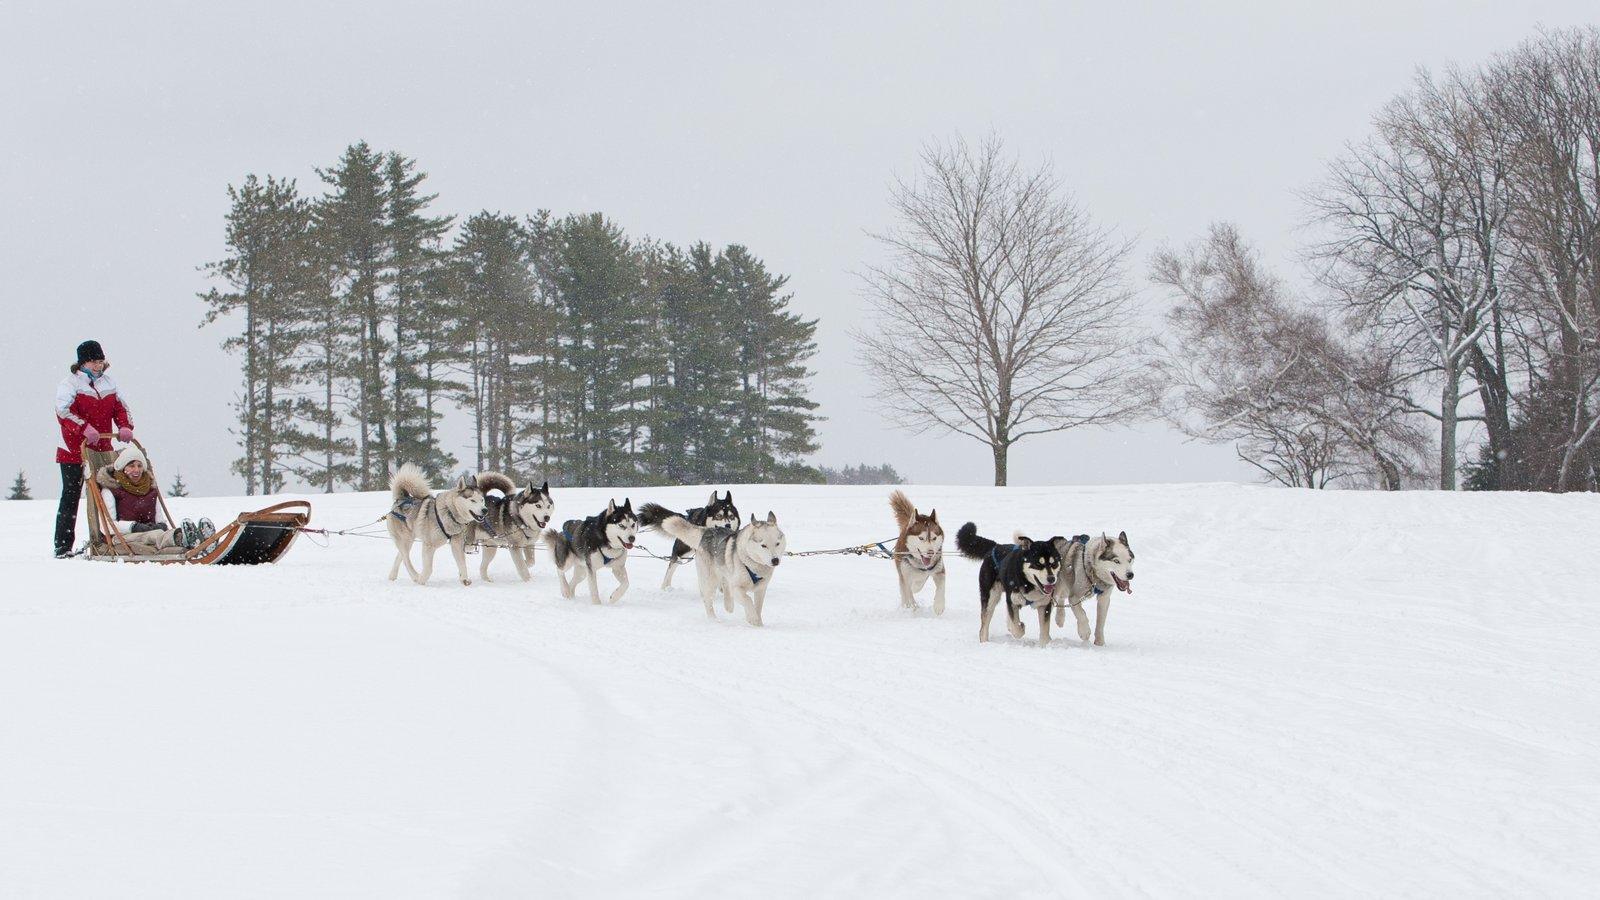 Poconos mostrando neve, animais fofos ou amigáveis e trenó com cães